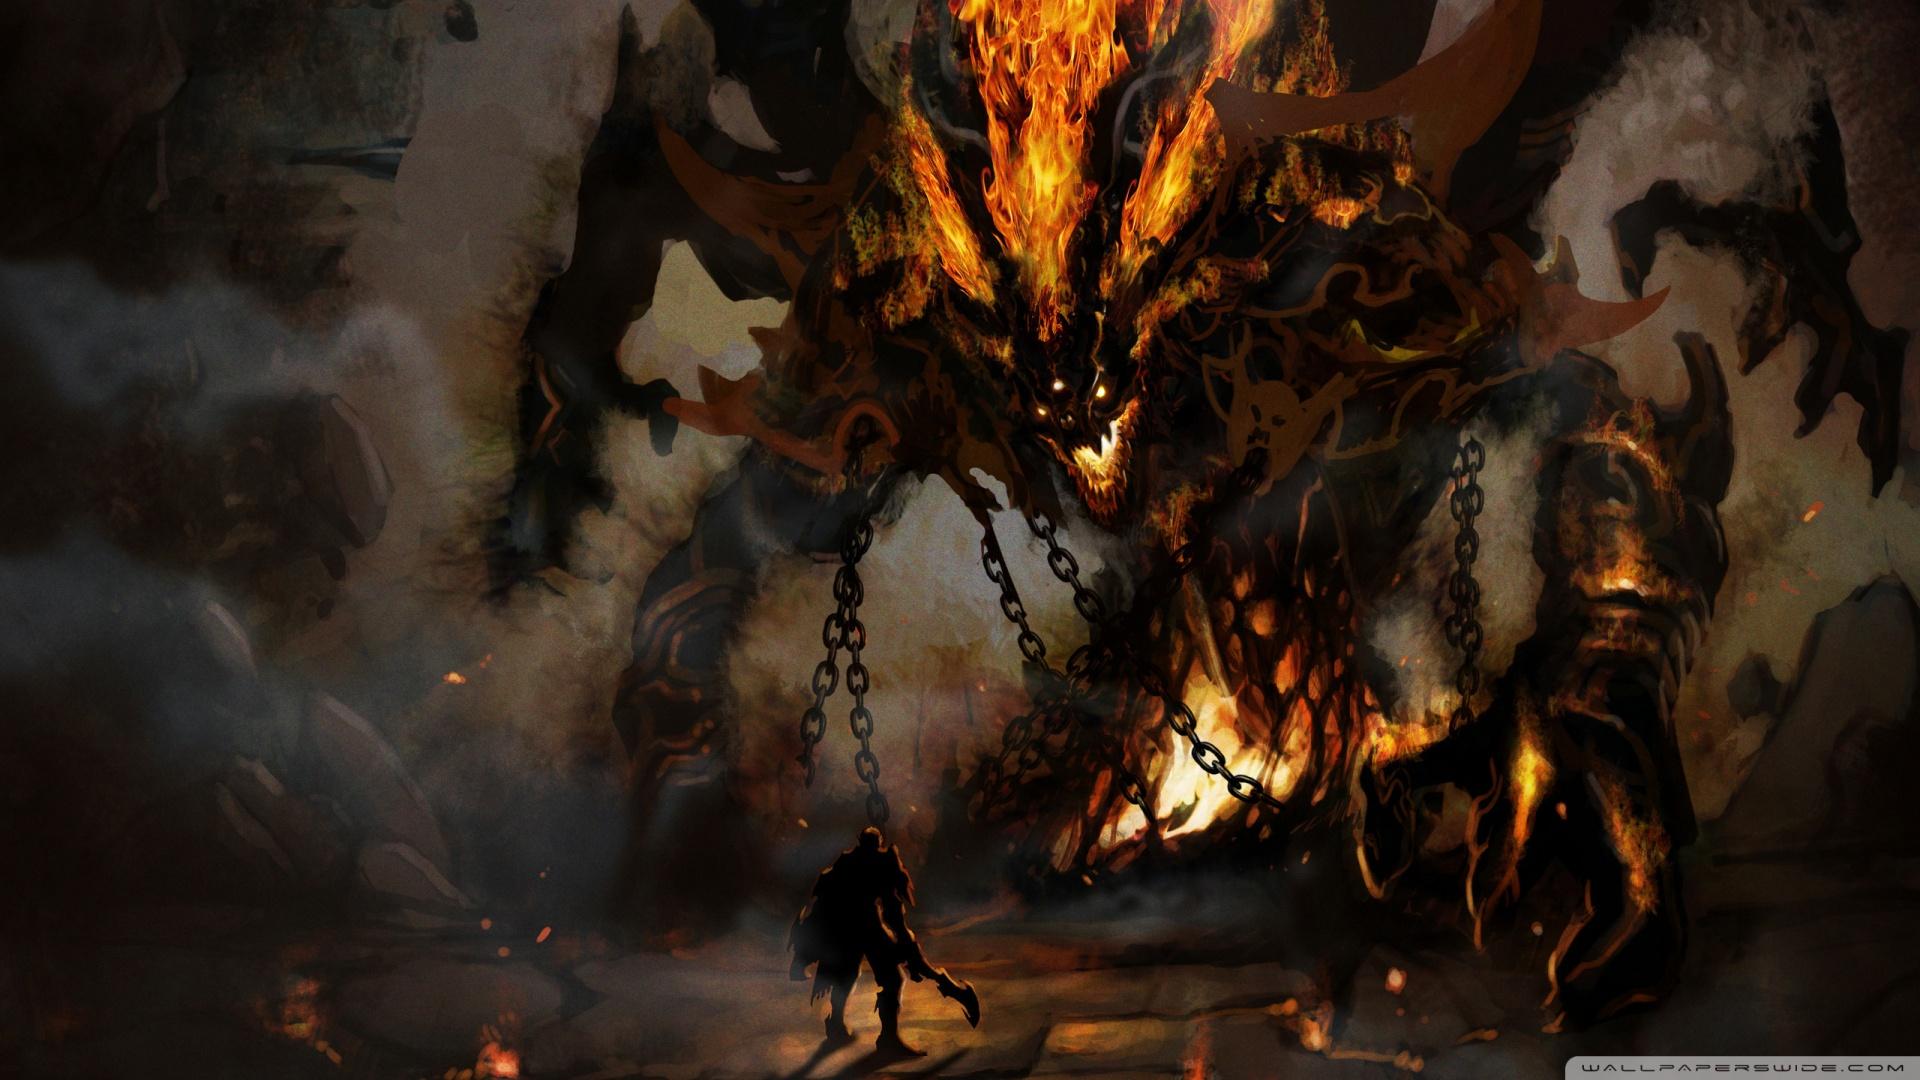 Fire Demon Wallpaper 1920x1080 Fire Demon 1920x1080